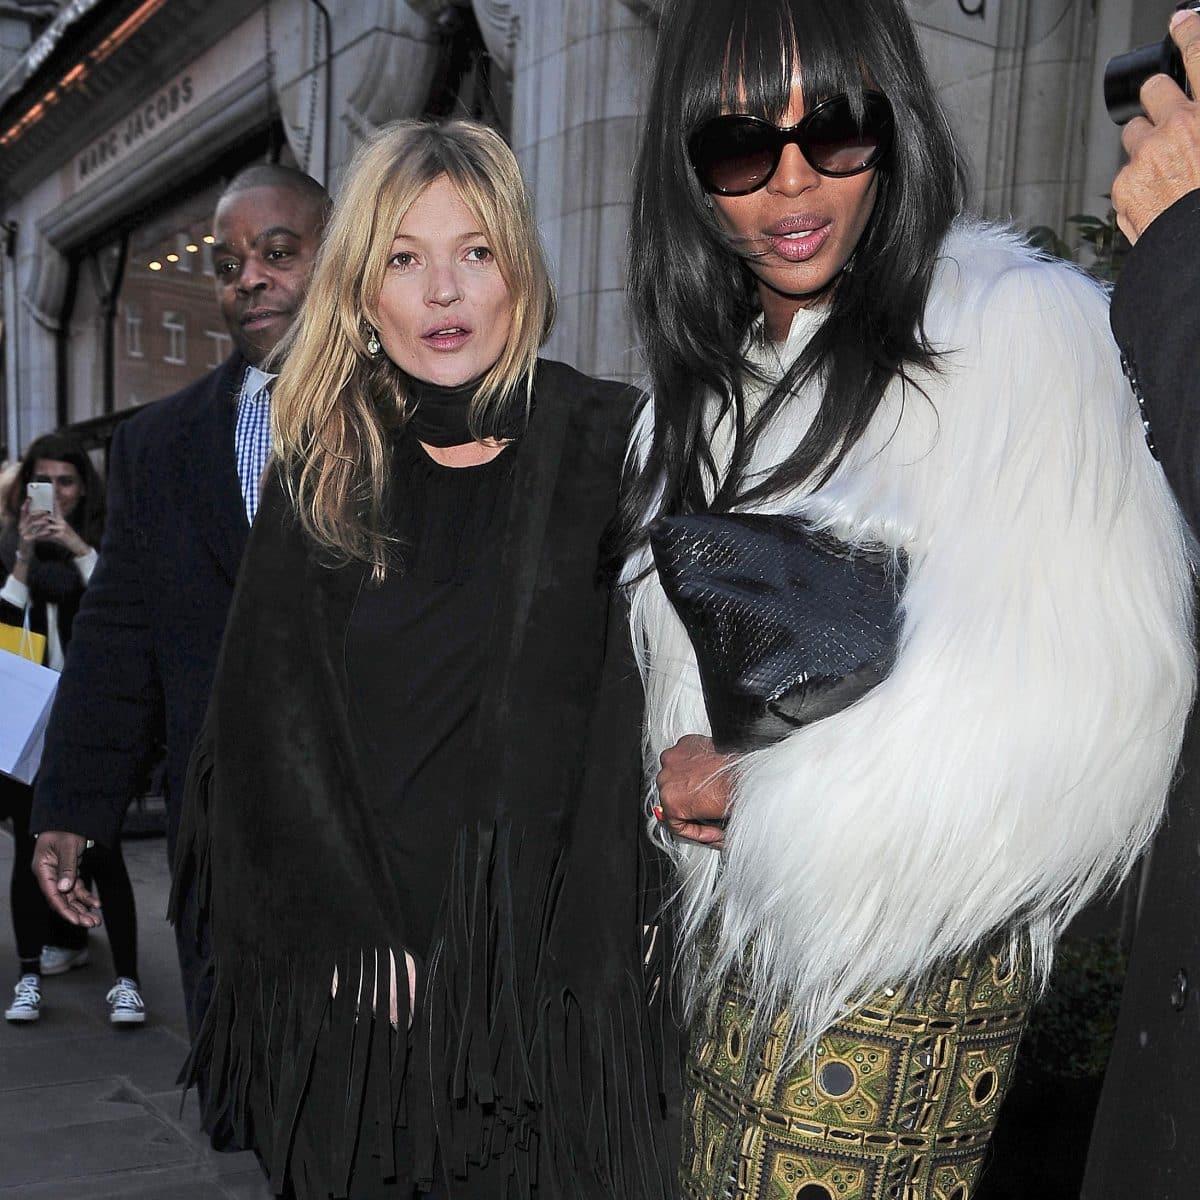 Les dessous de la soirée très arrosée de Kate Moss avec Naomi Campbell !